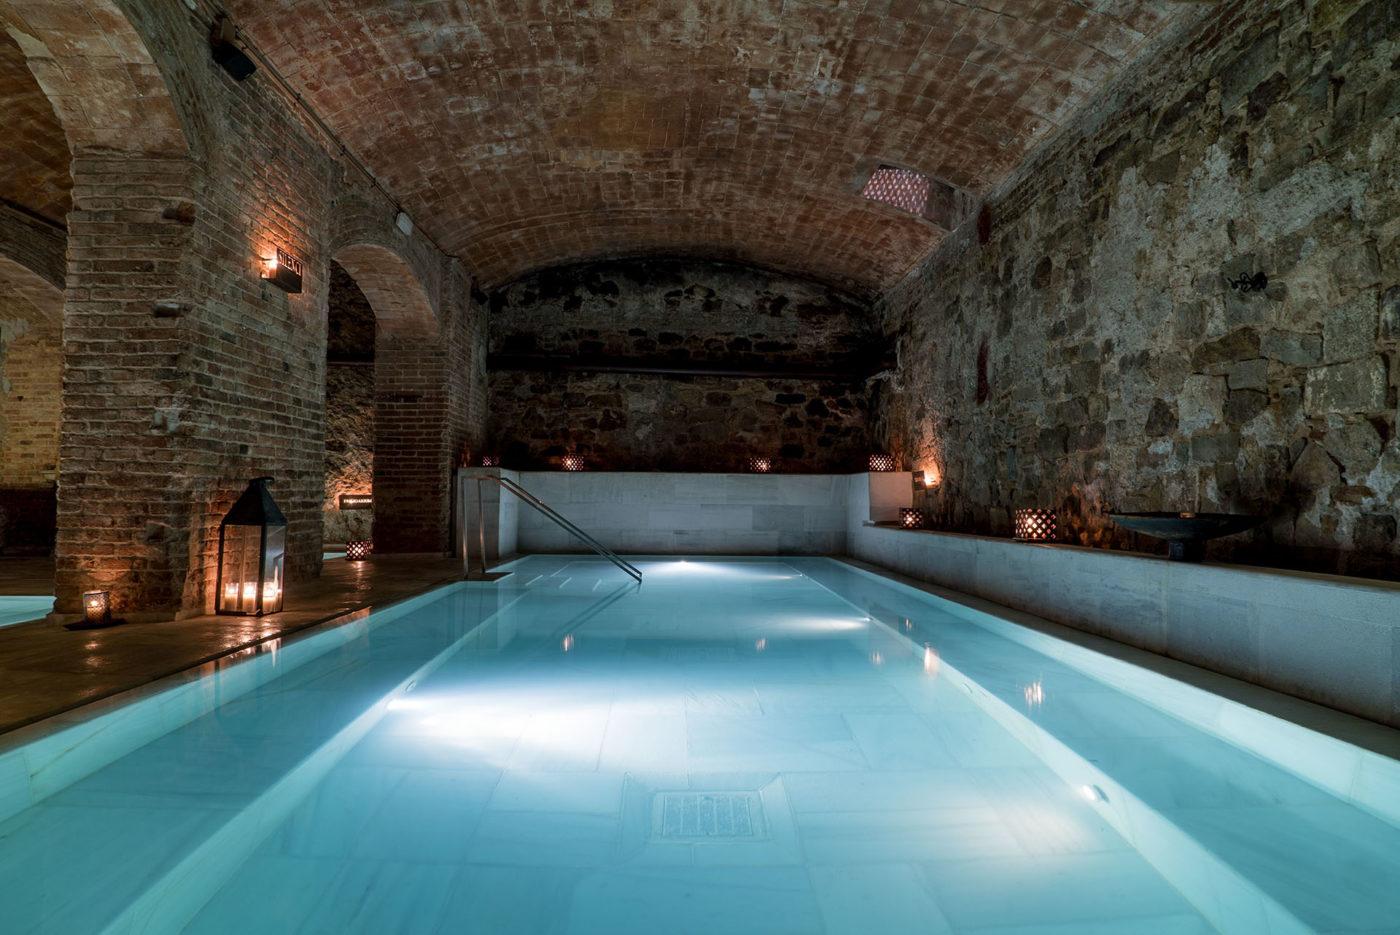 aire de barcelona, spa, masajes y relax